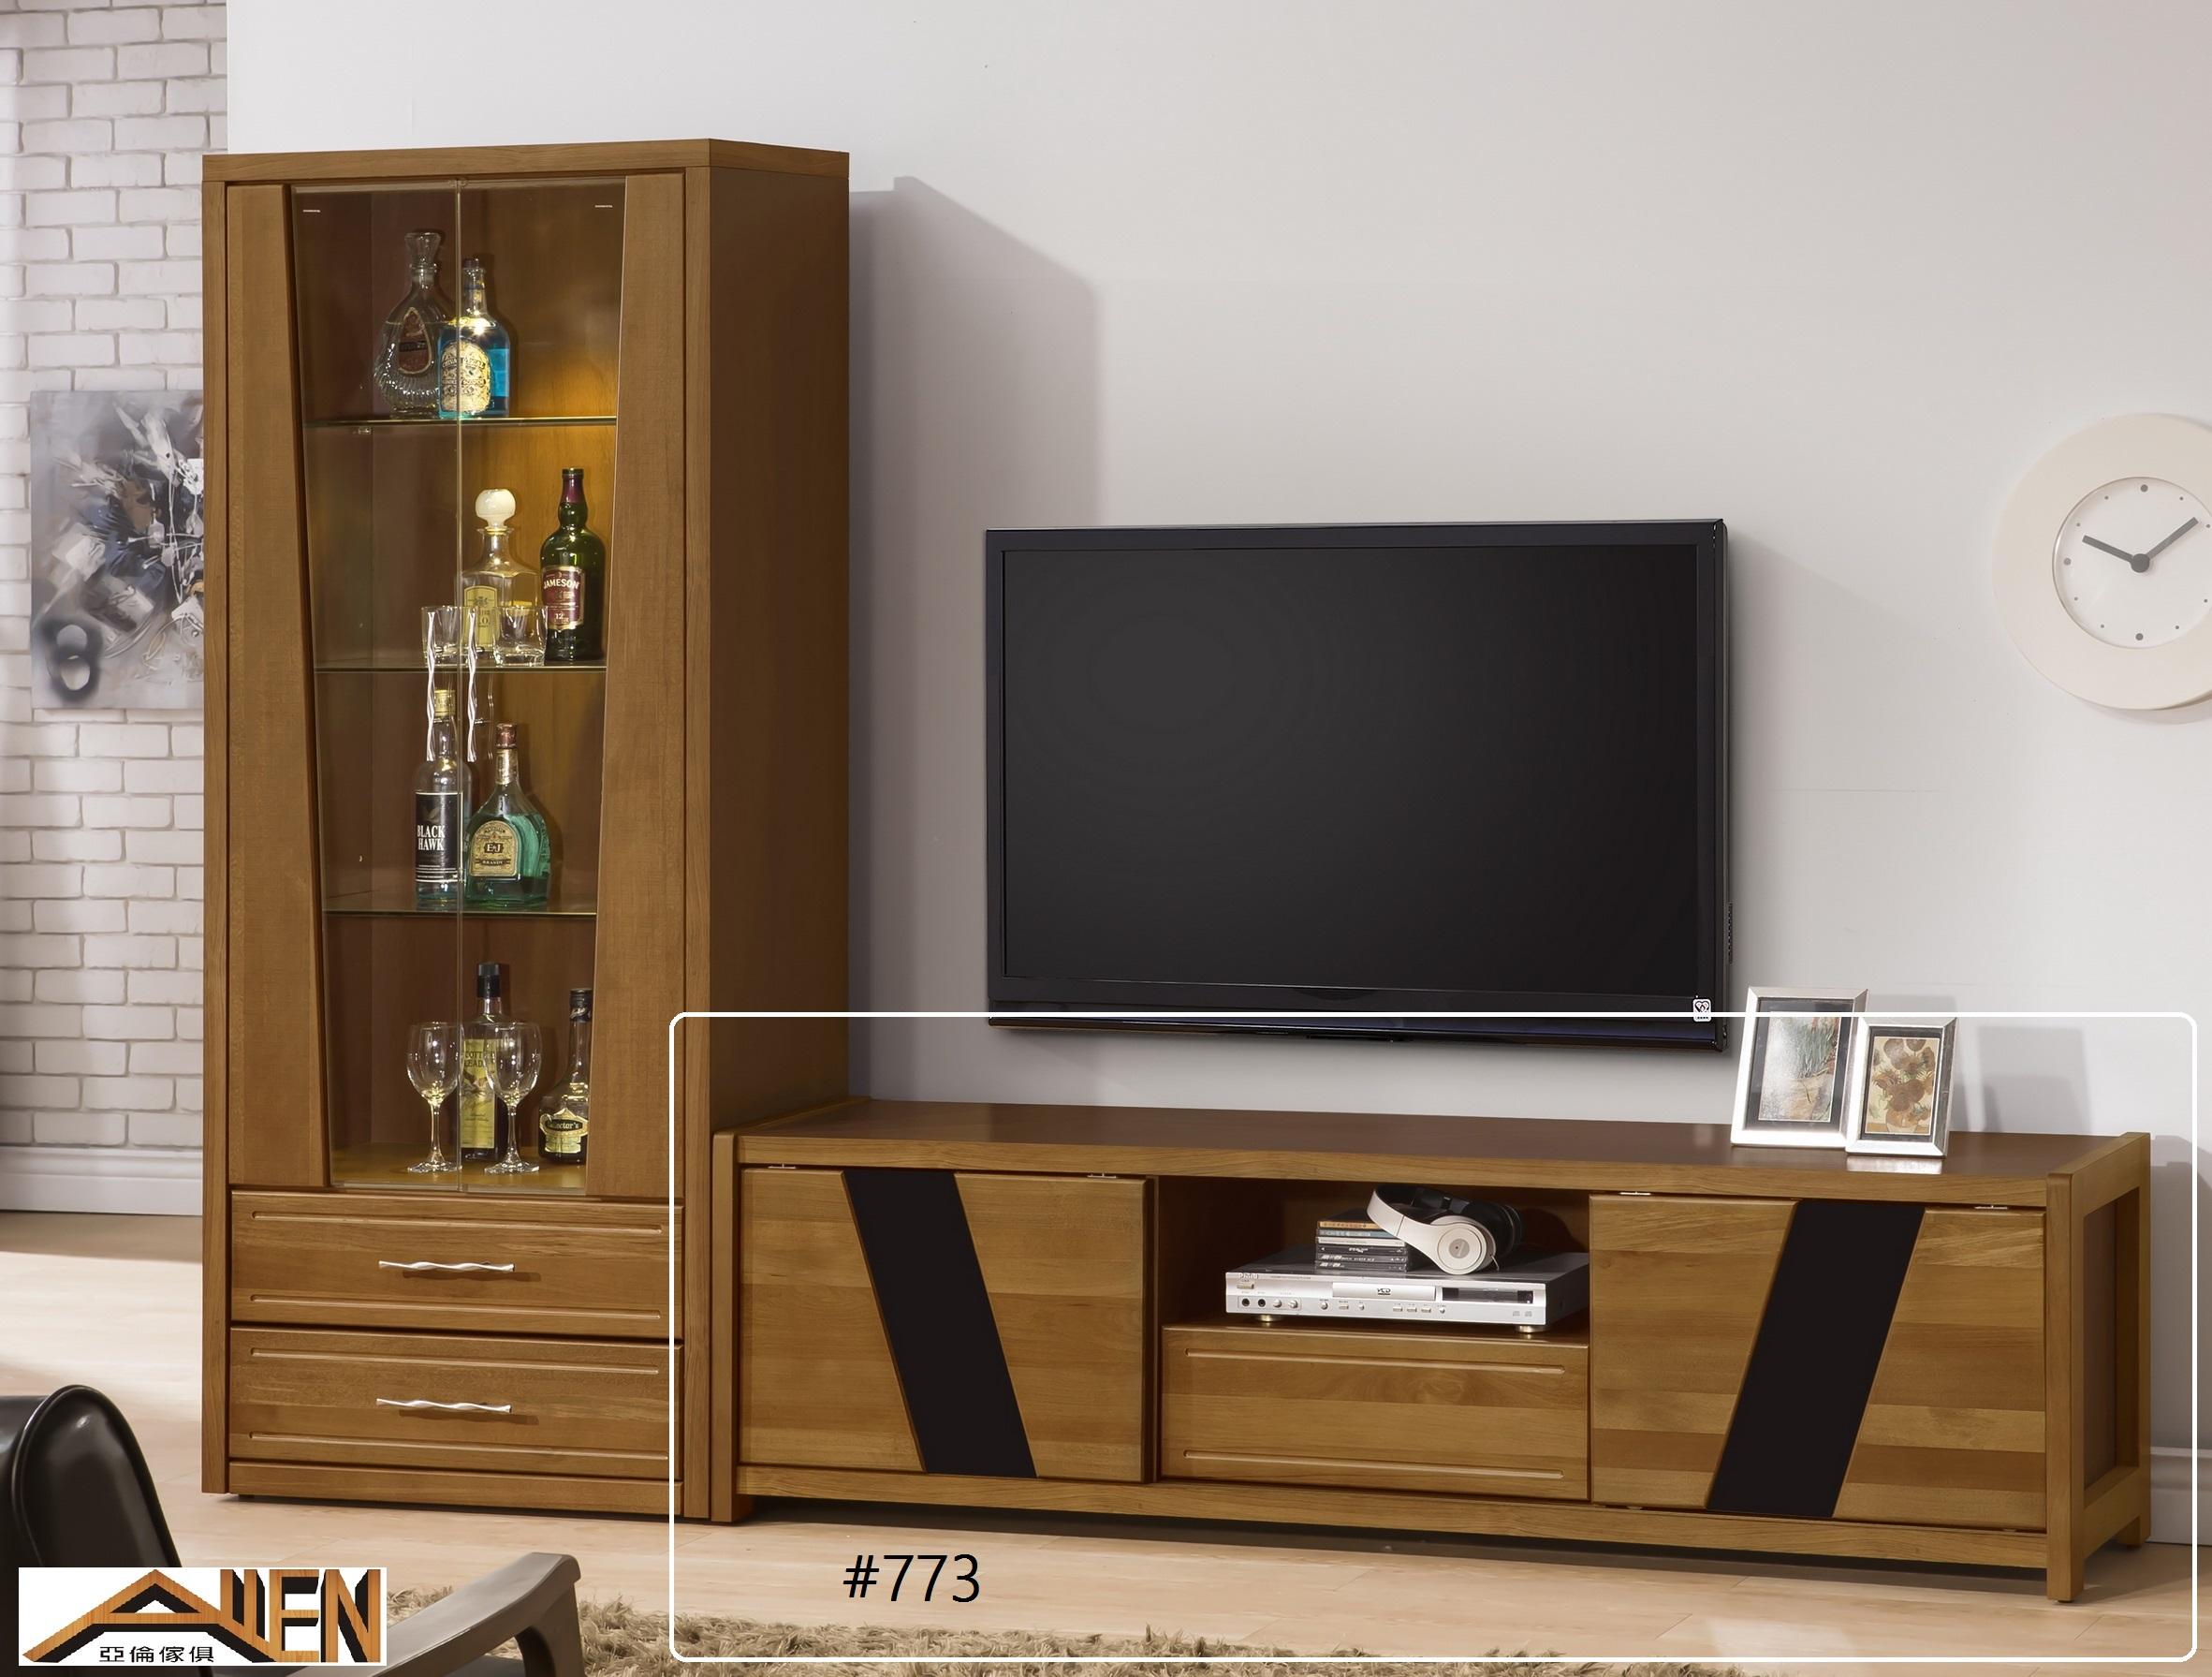 亞倫傢俱*文森卡索南洋檜實木6尺電視櫃